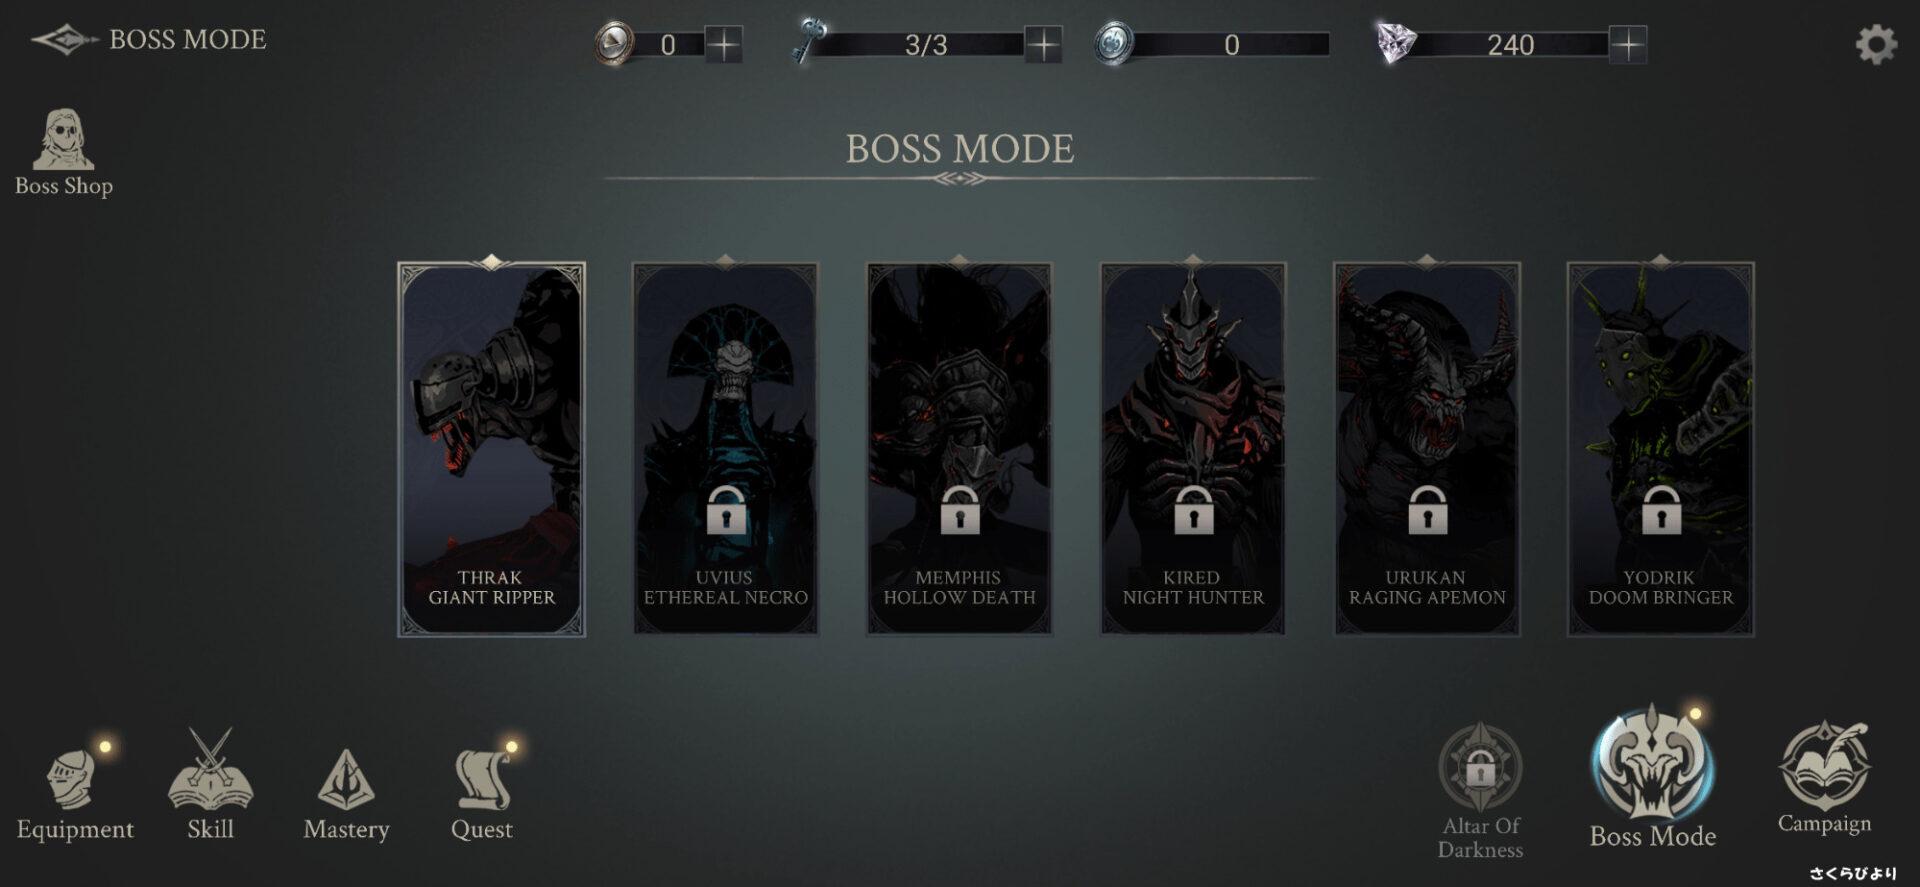 Shadow Hunter : Lost World のBOSS MODEの画面。